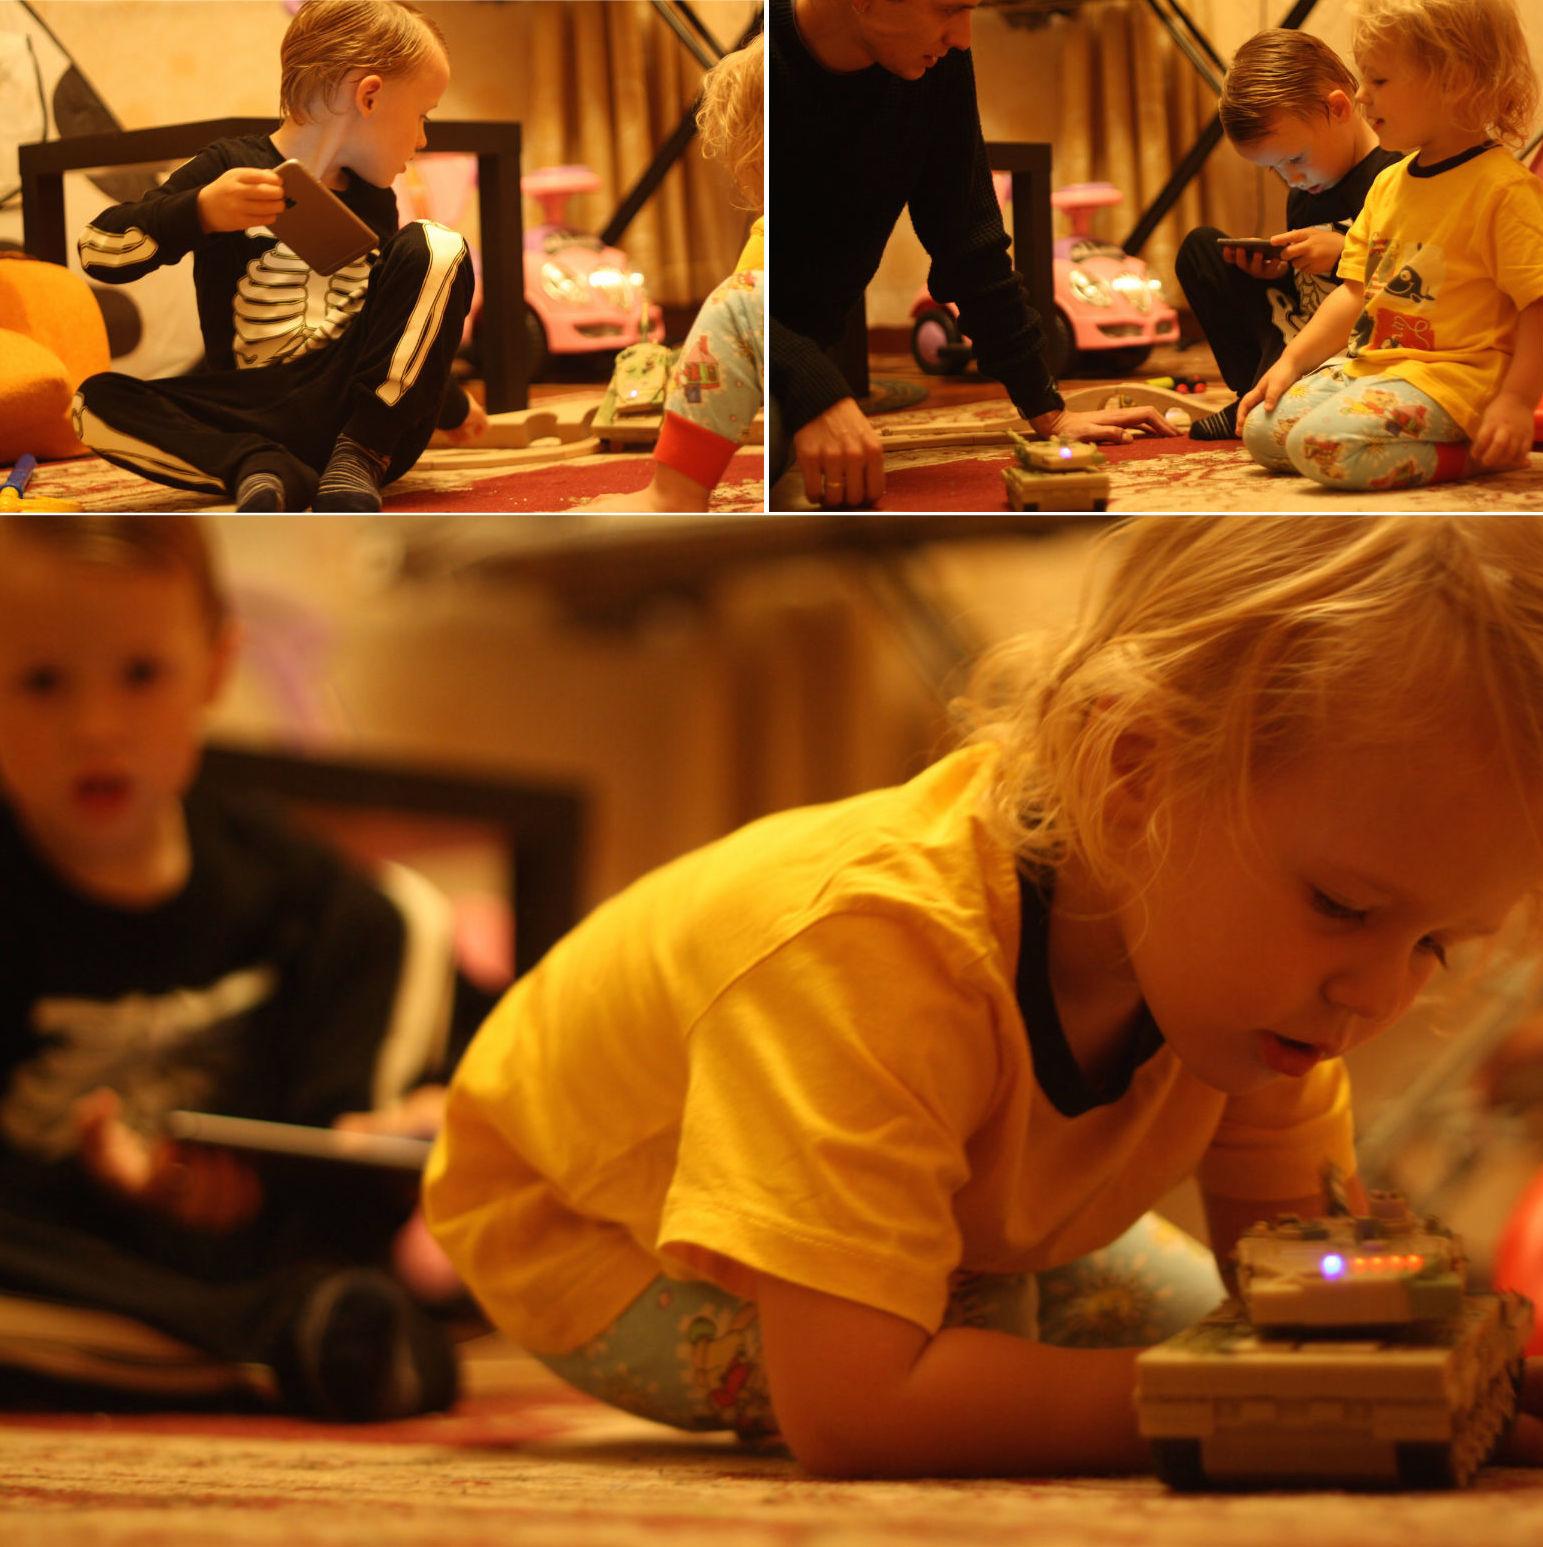 Детские гаджеты: чем удивить, развлечь и позабавить детей от 2+ лет - 21